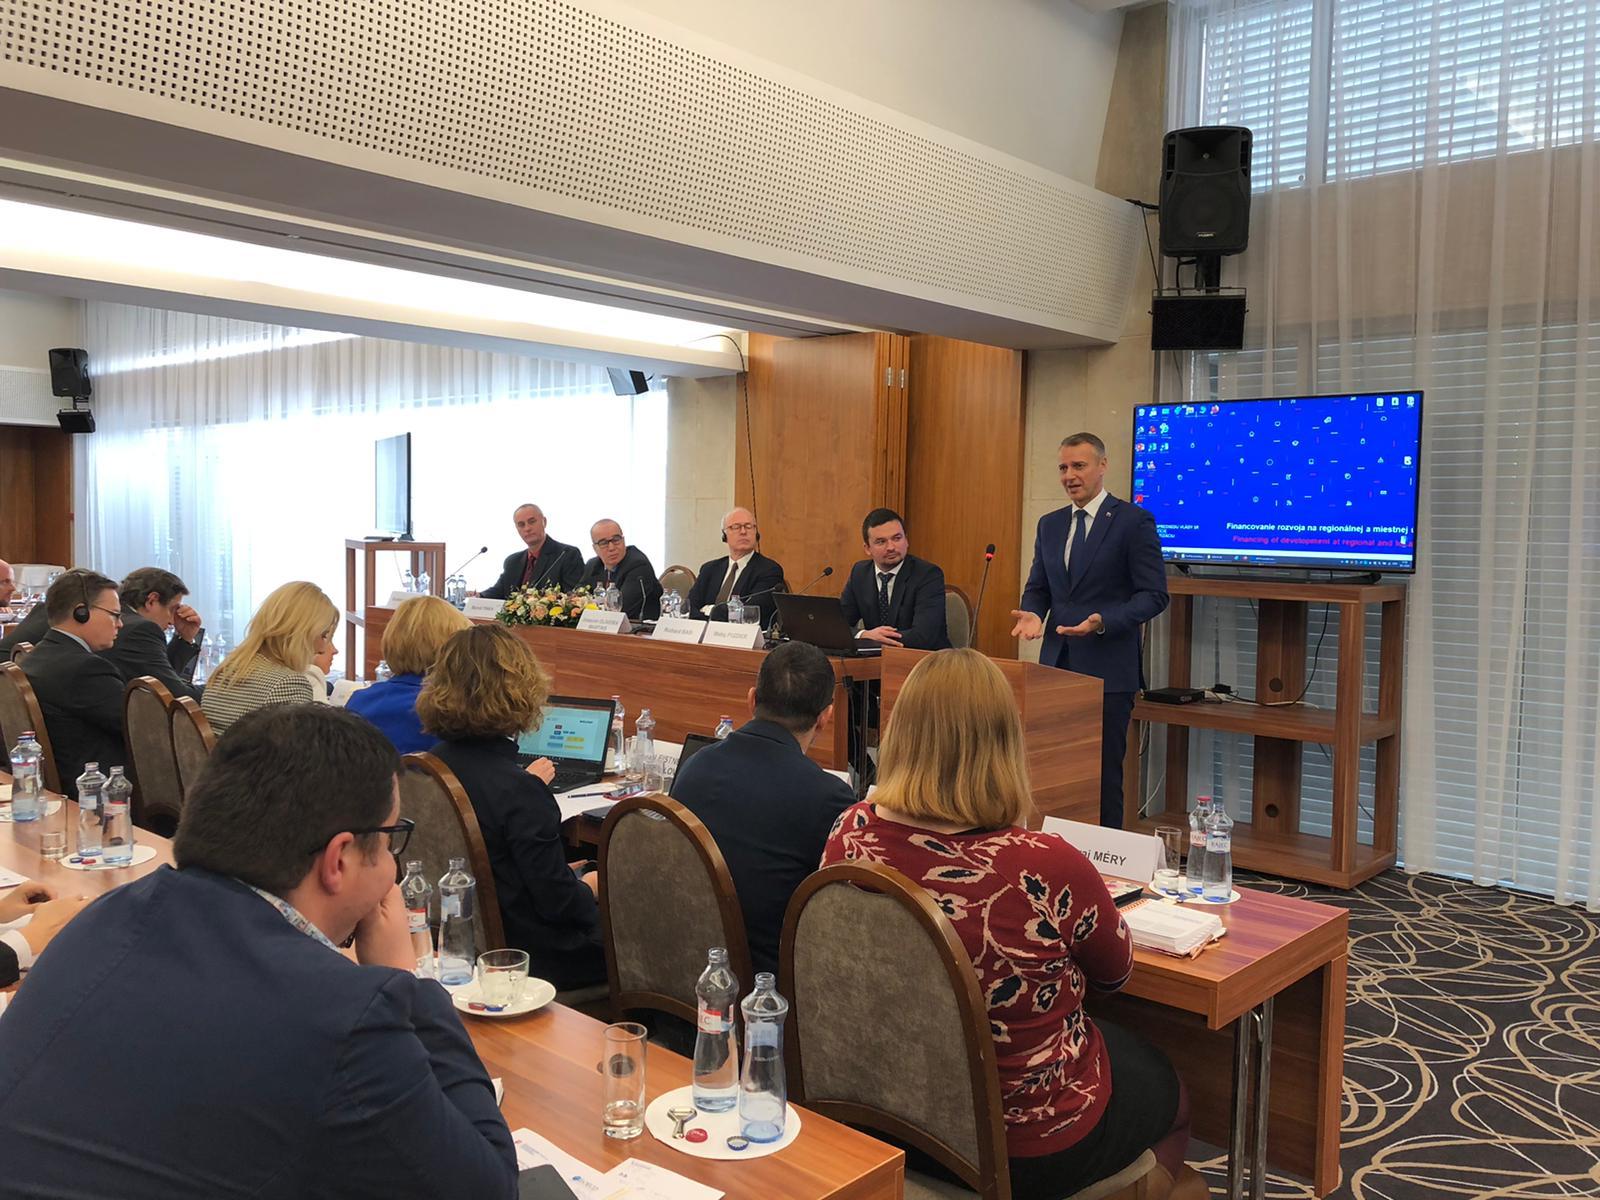 Vicepremiér Raši a experti z OECD diskutovali o efektívnej podpore regiónov